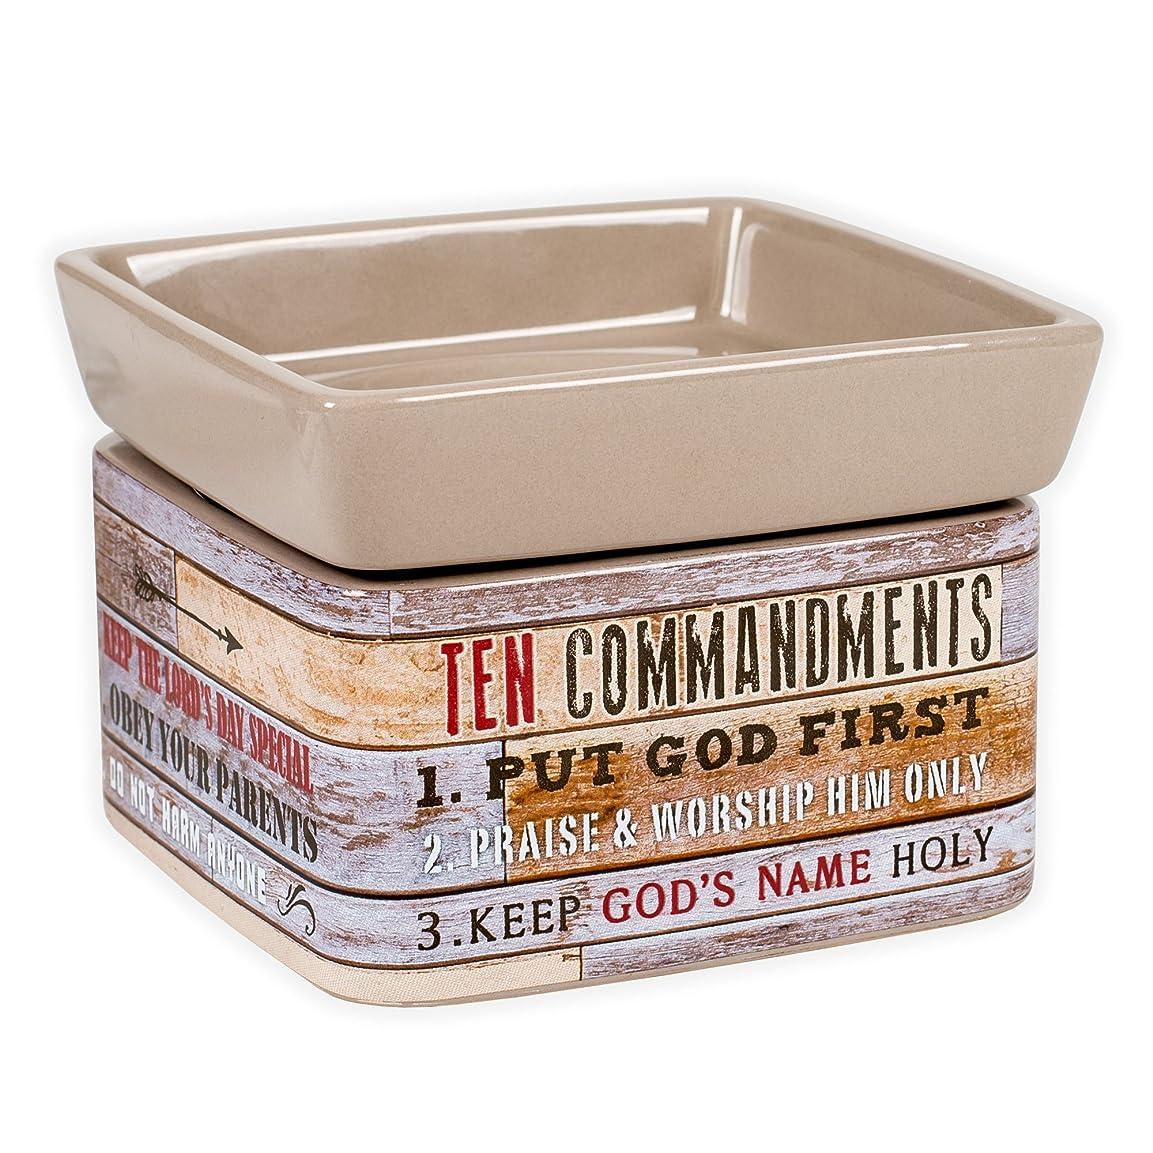 近く怒って生むTen Commandments Pallet Wood Lookセラミックストーン2イン1?Jar Candle andワックスTart Oil Warmer